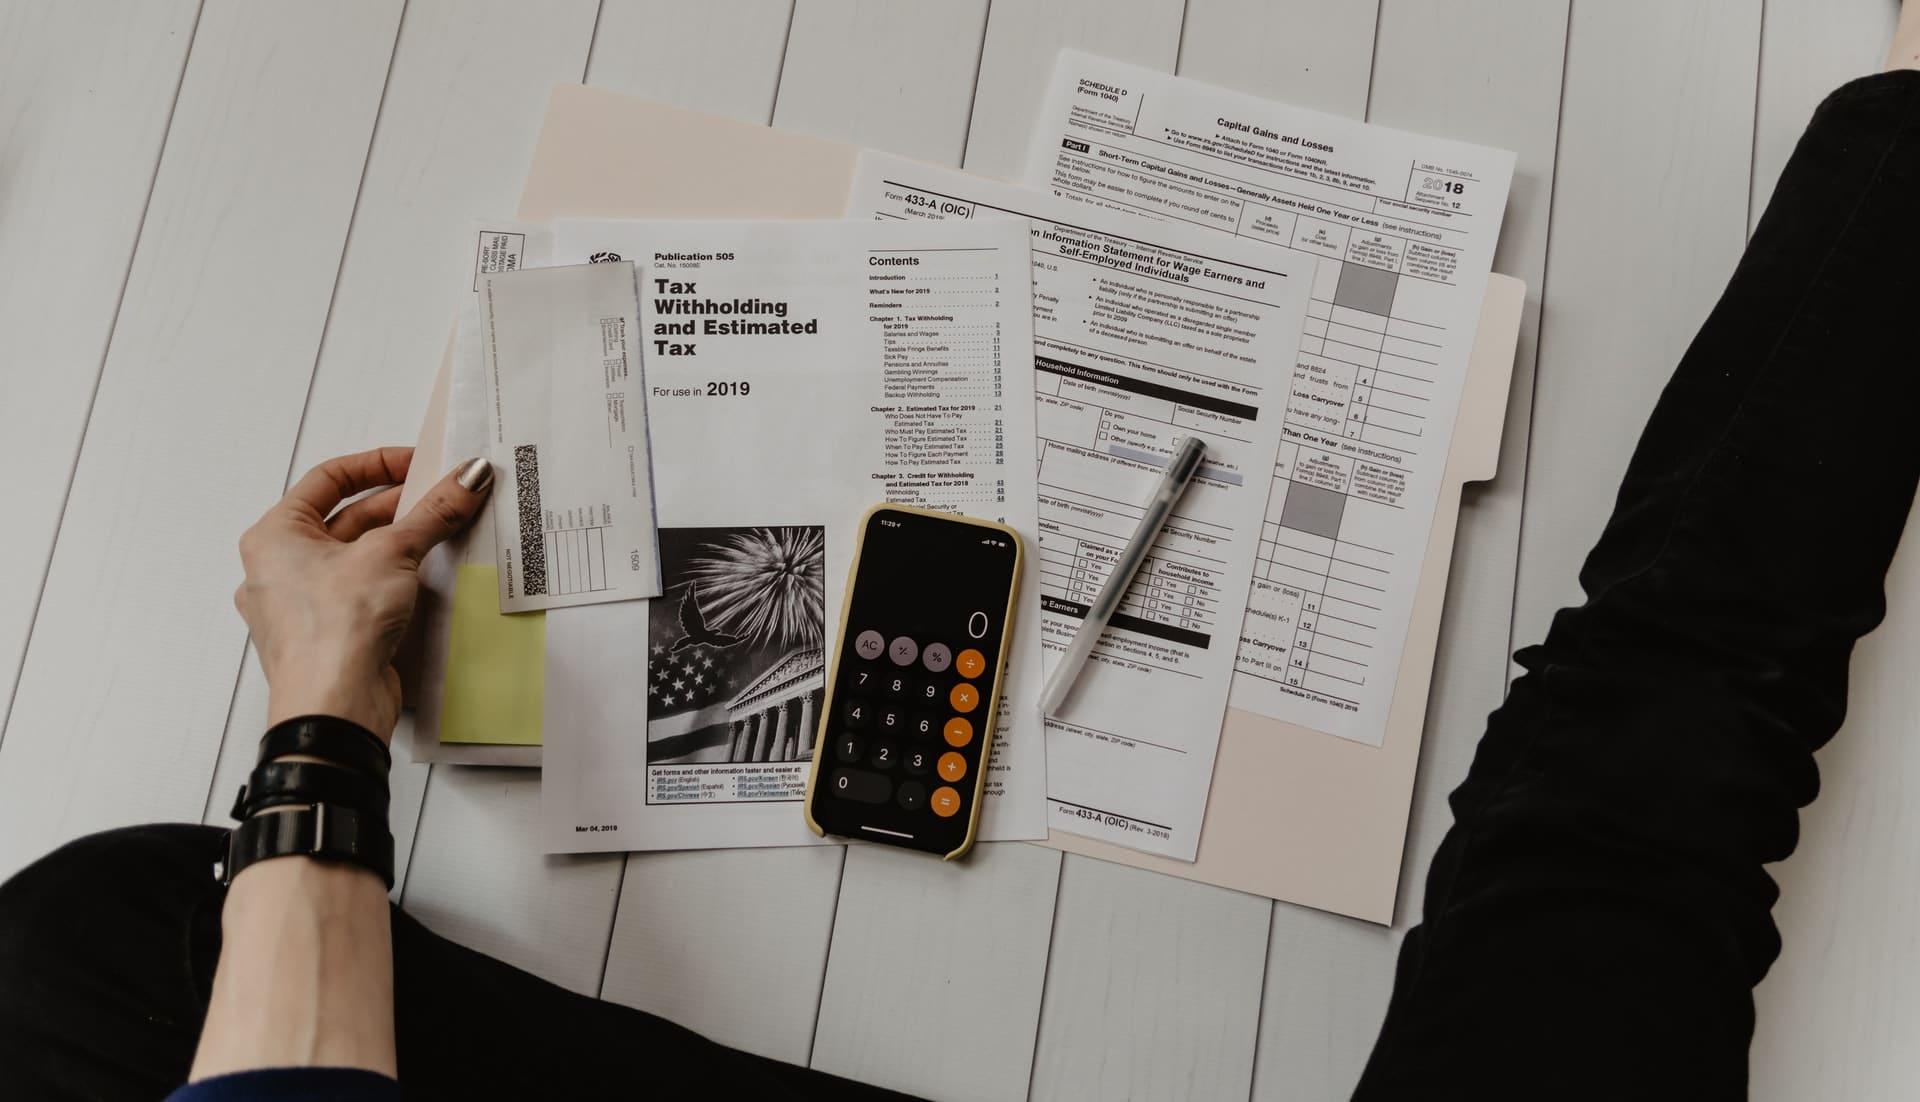 Des papiers, un téléphone et un stylo